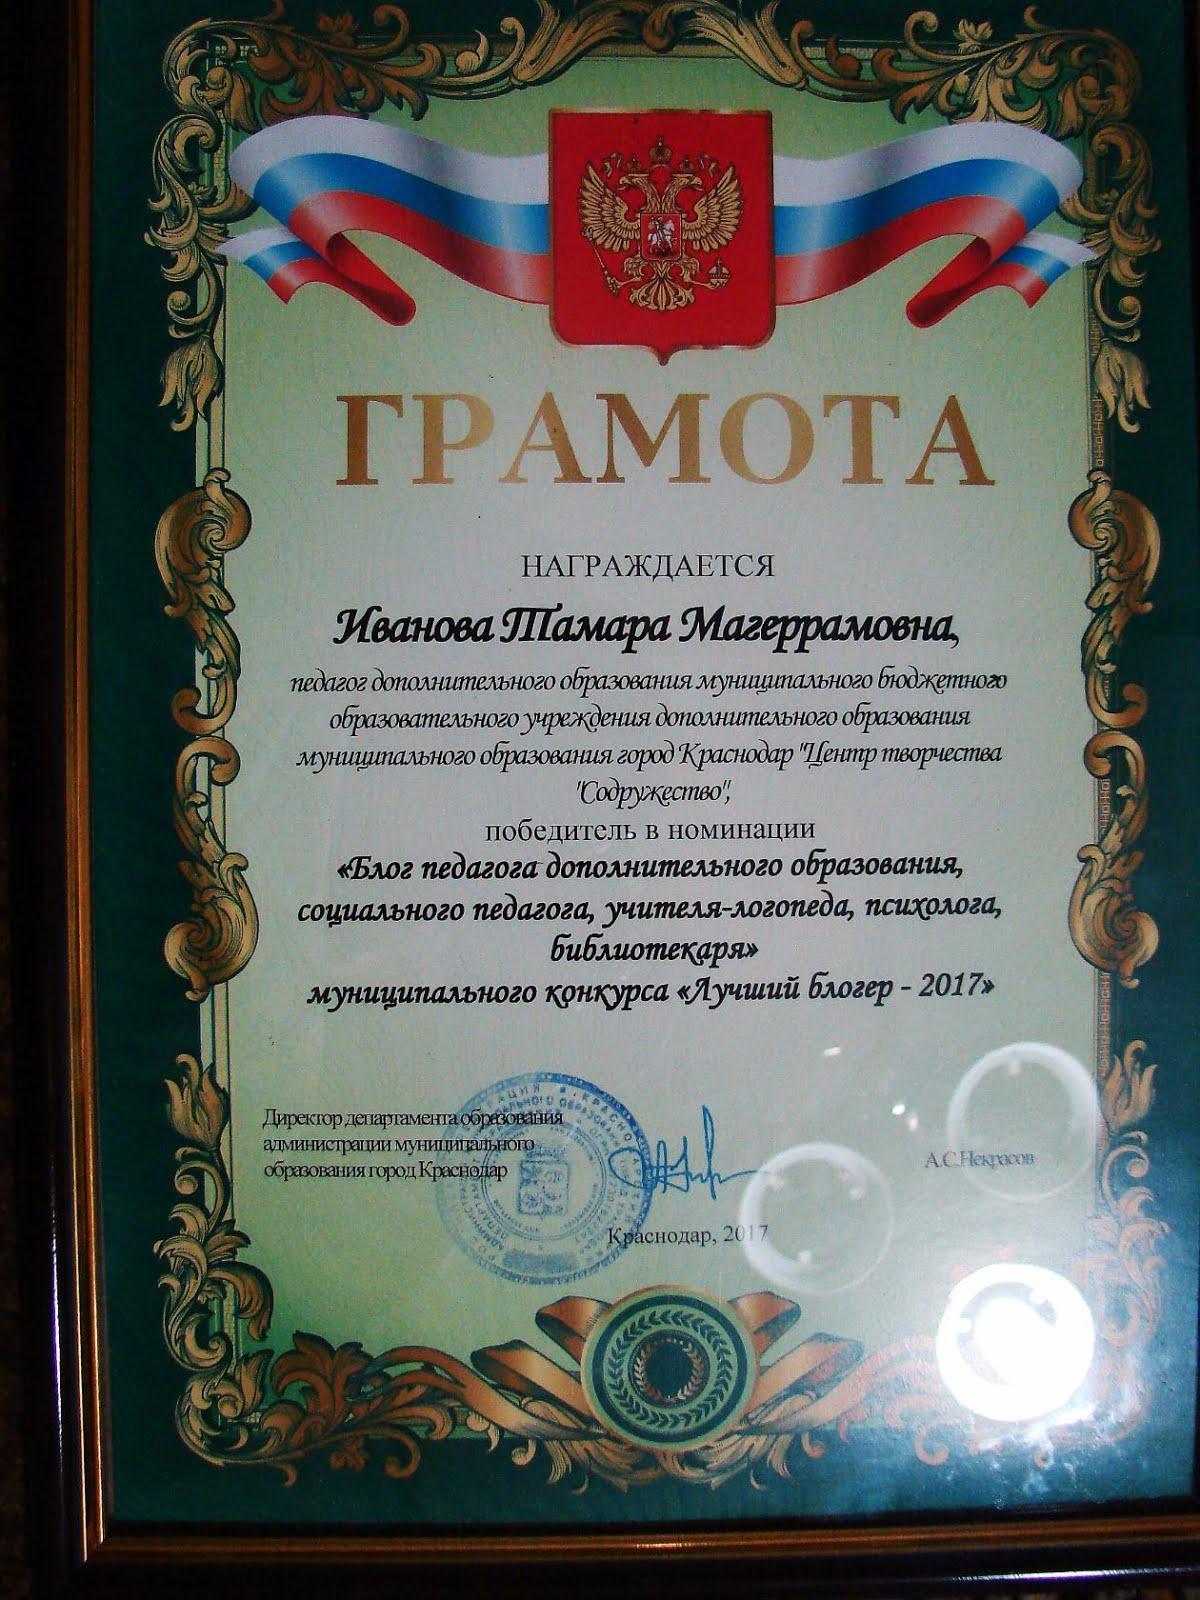 """Муниципальный конкурс """"Лучший блогер 2017"""""""